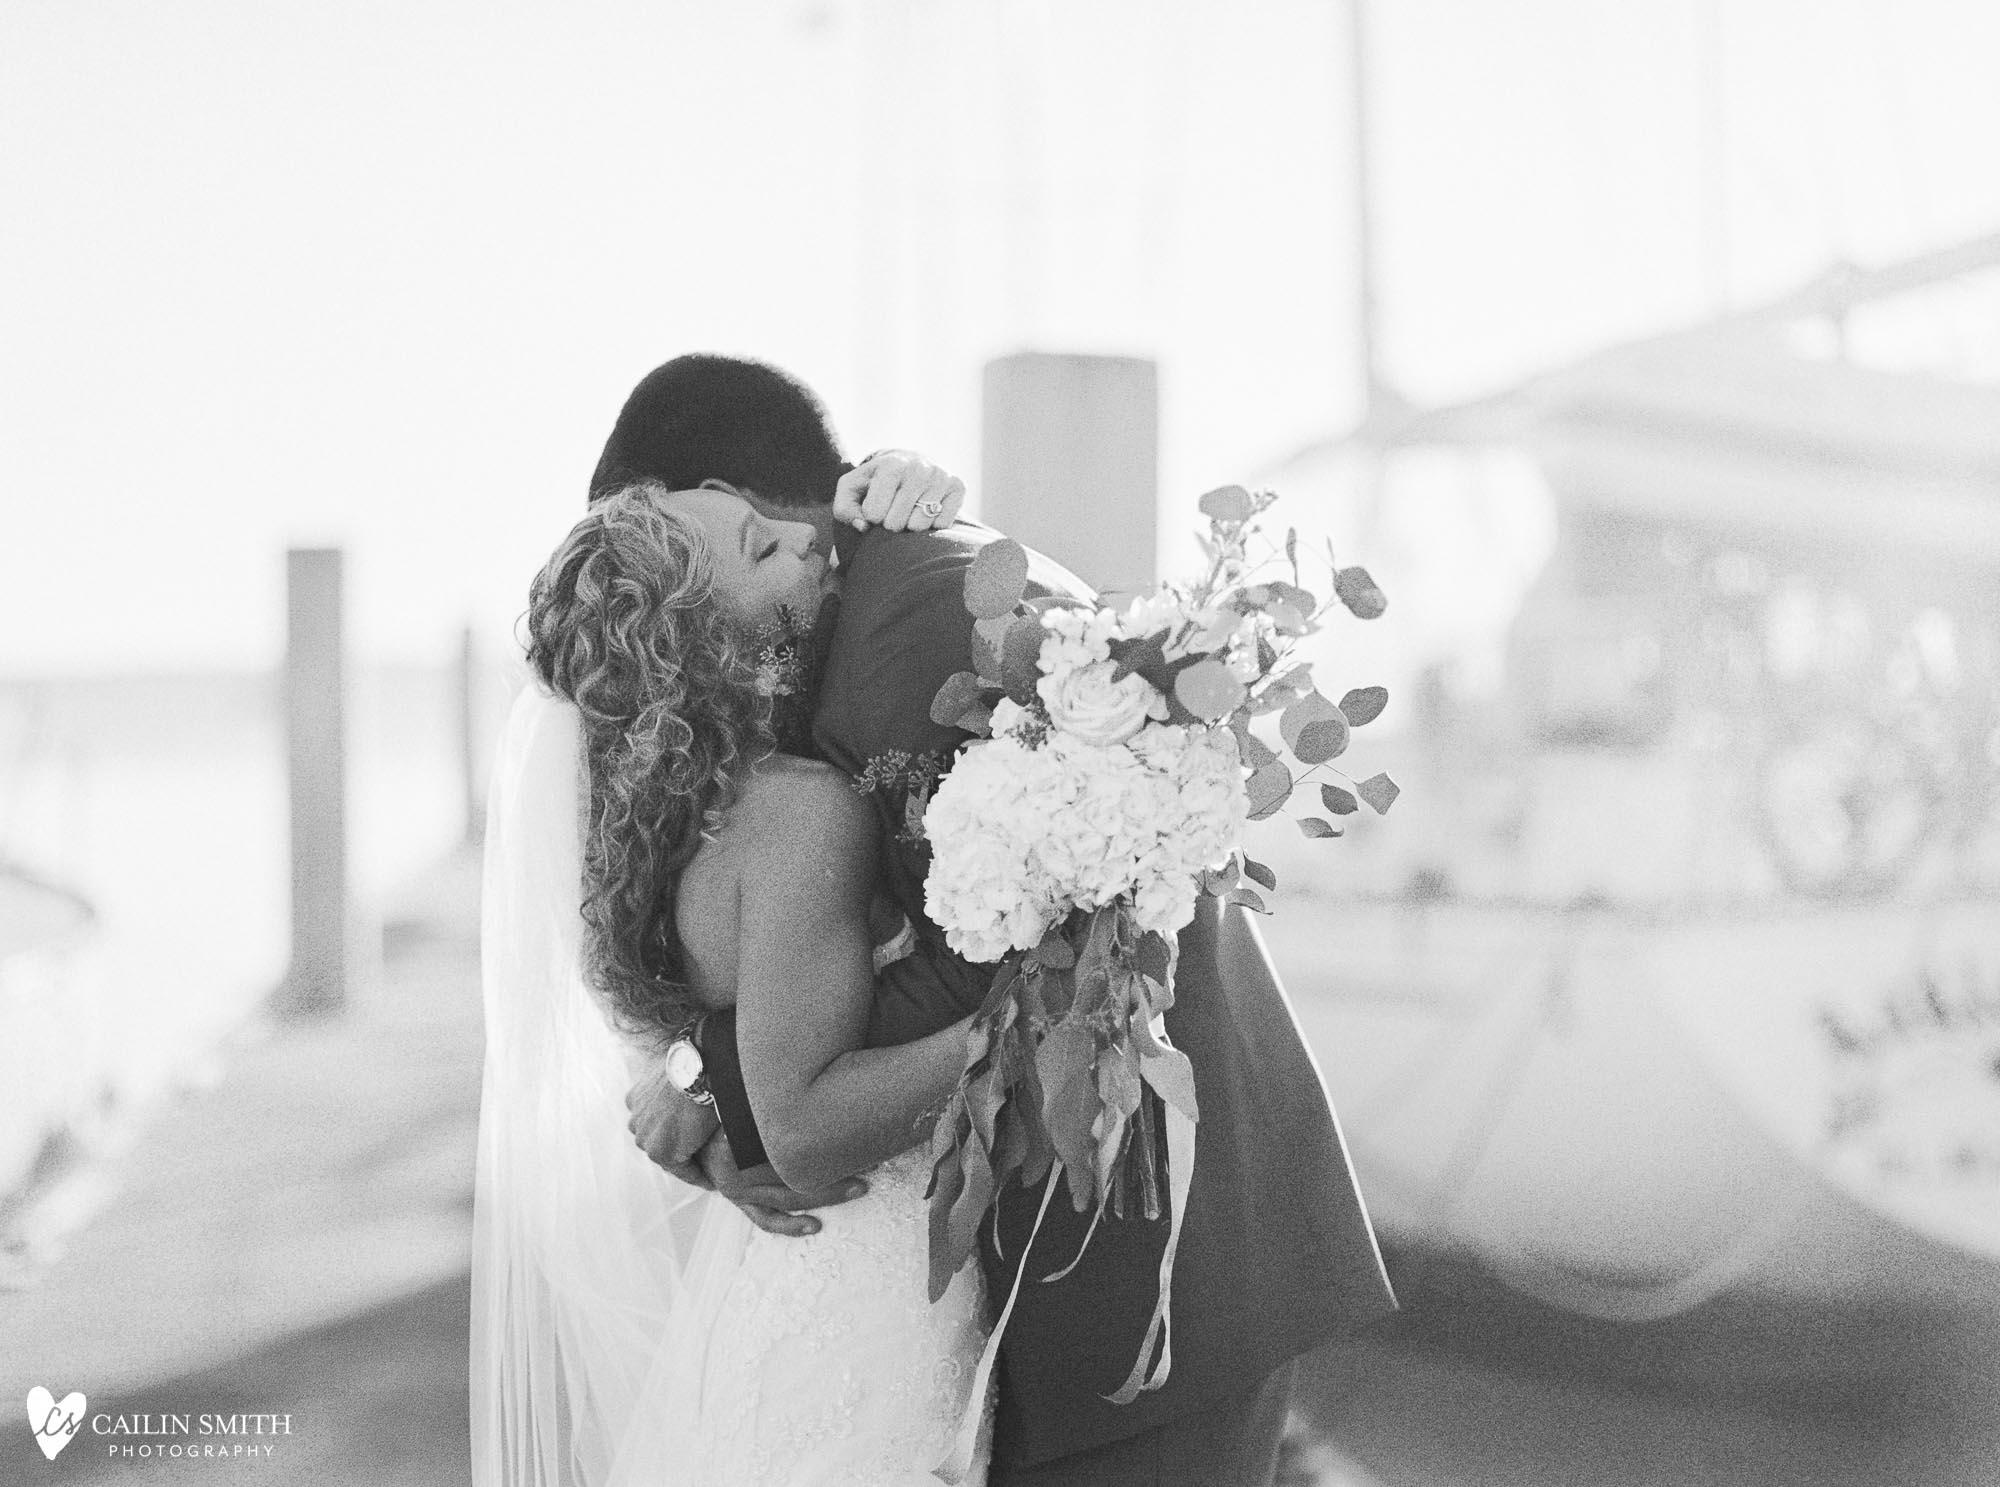 Leah_Major_St_Marys_Wedding_Photography_085.jpg